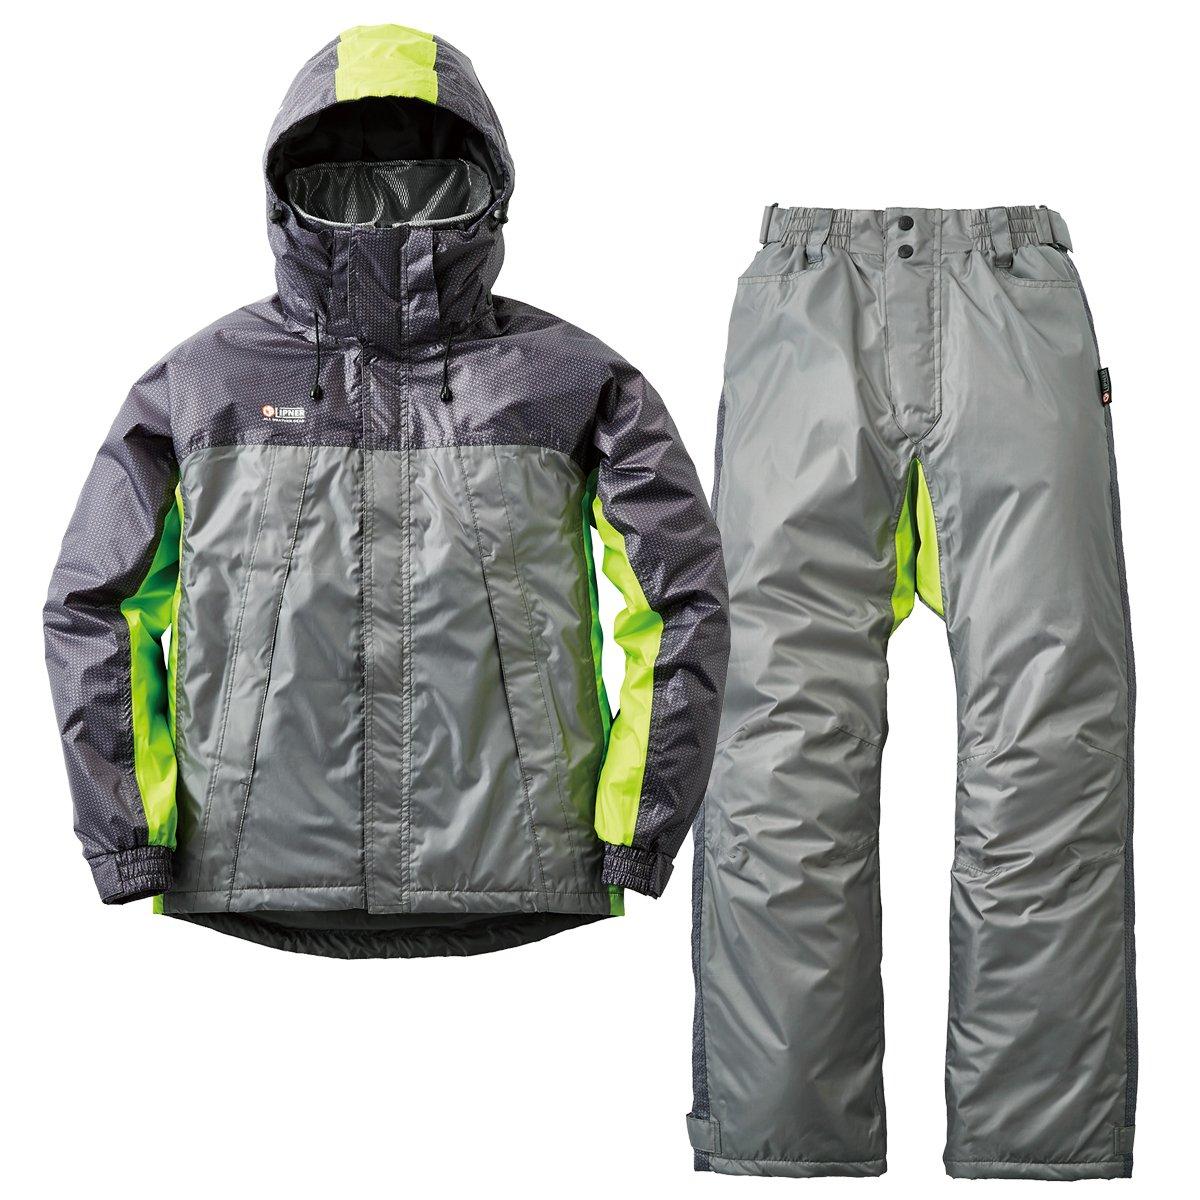 一番の リプナー(LIPNER) シャイン リフレクター防水防寒スーツ シャイン Medium B076K6NQFP グレー グレー B076K6NQFP, ギフト&グルメ北海道:85a3bfdc --- specialcharacter.co